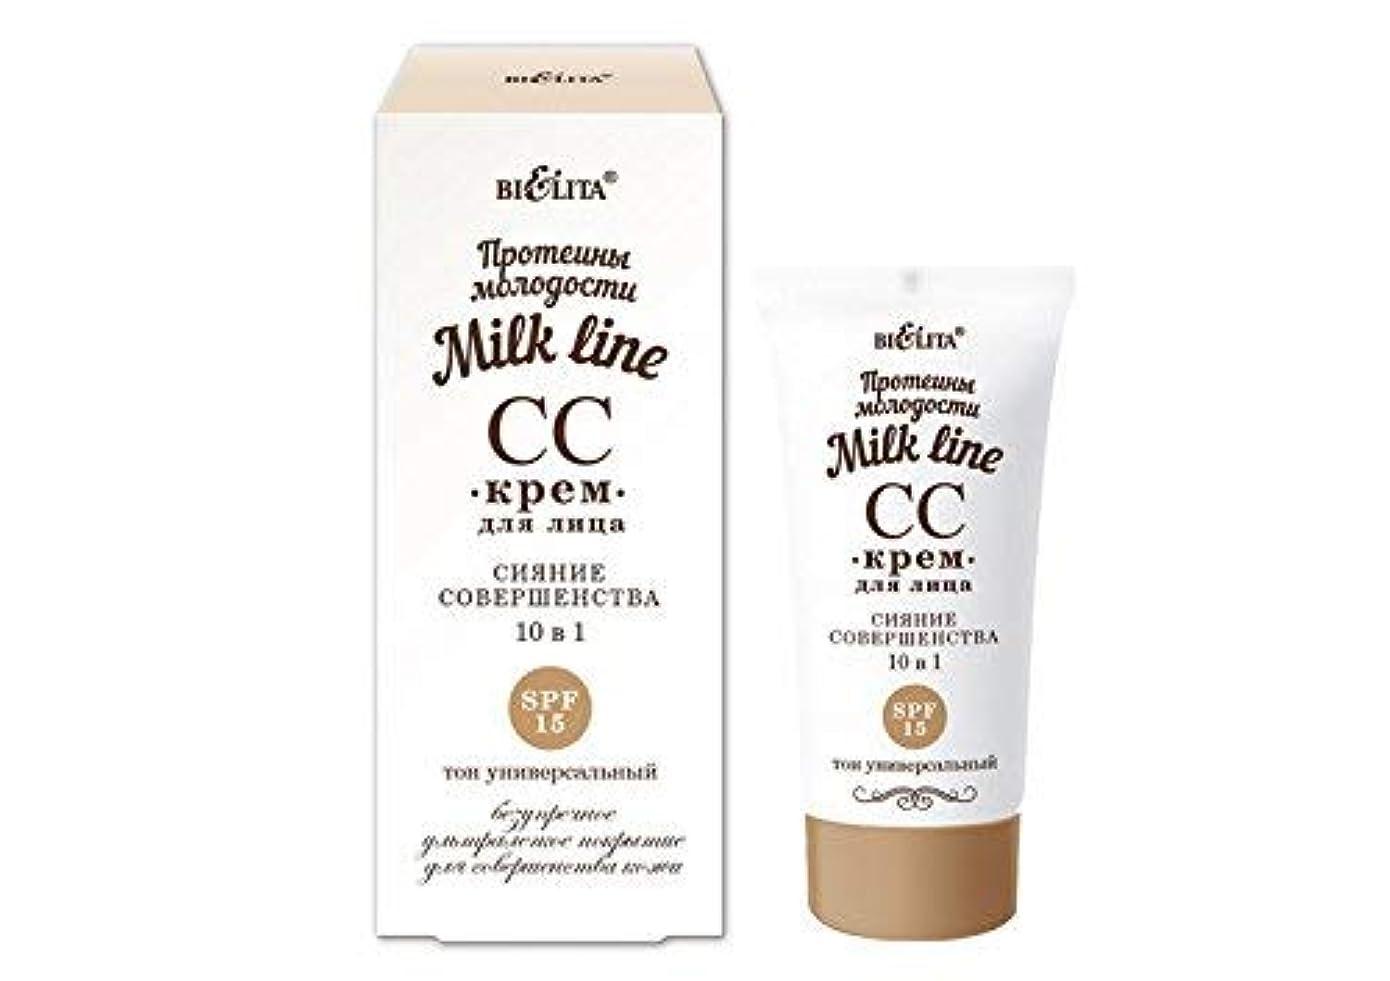 学校教育心配するファンブルCC Cream,based on goat's milk Total Effects Tone Correcting Moisturizer with Sunscreen, Light to Medium 10 effects in 1 tube of SPF 15